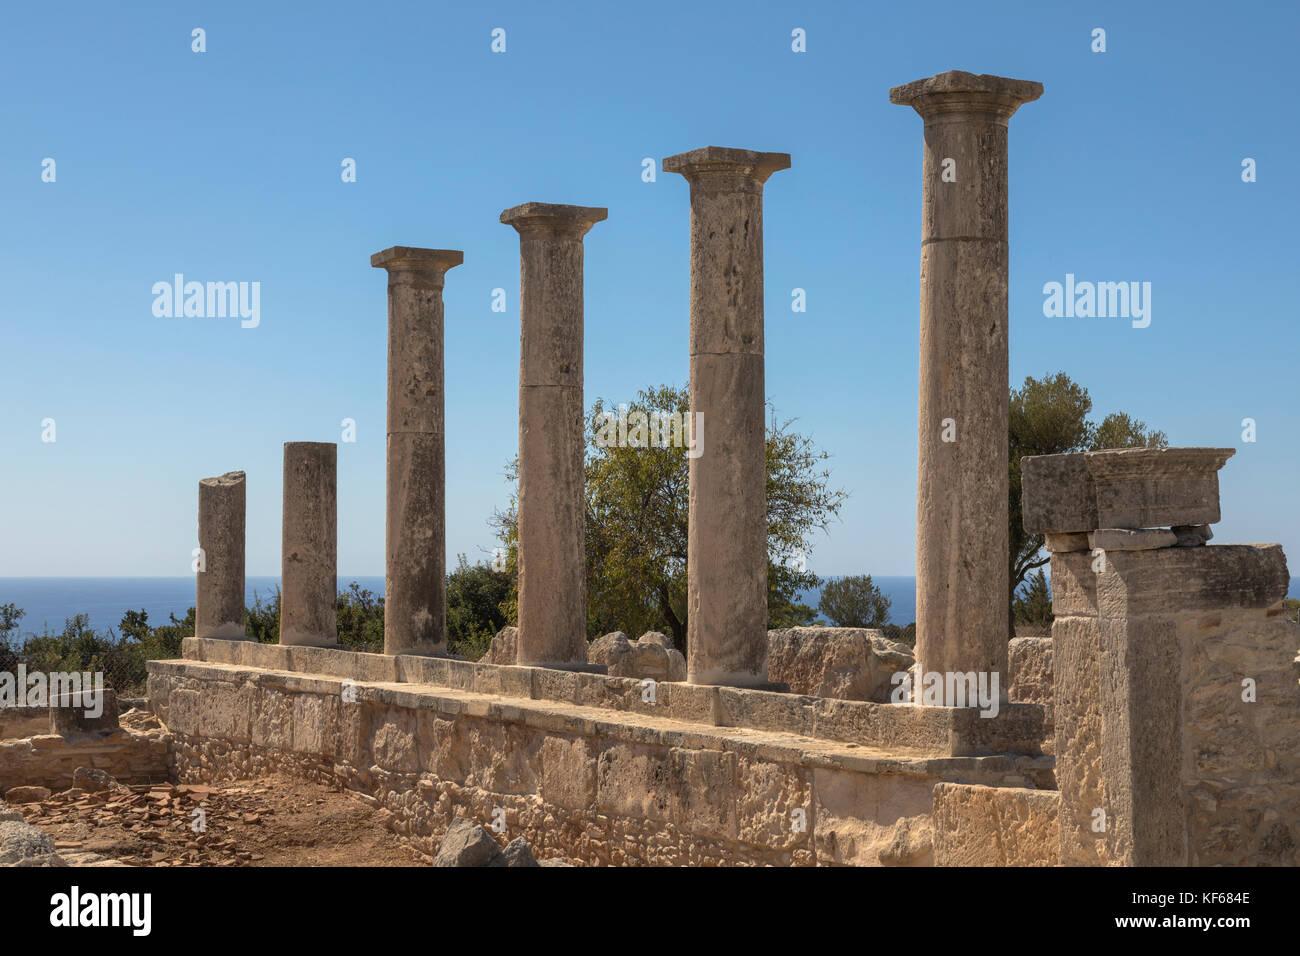 The Sanctuary of Apollo Hylates, Kourion, Limassol, Cyprus - Stock Image